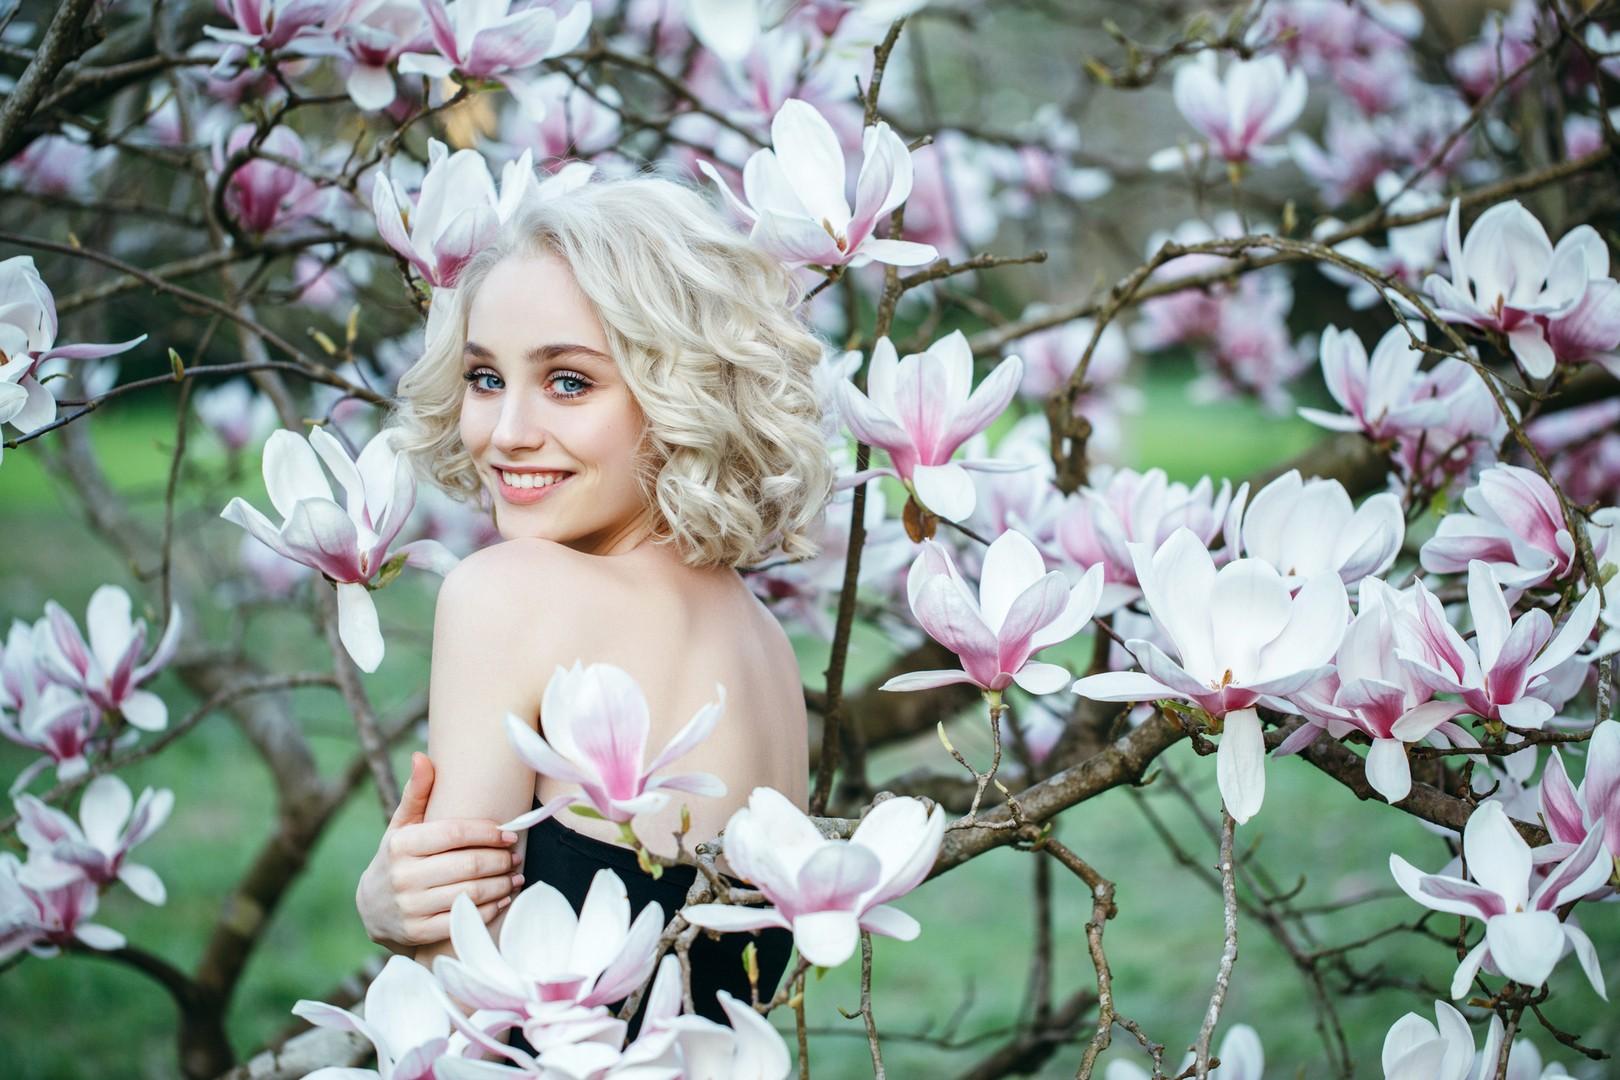 mulher de cabelo loiro em meio à natureza